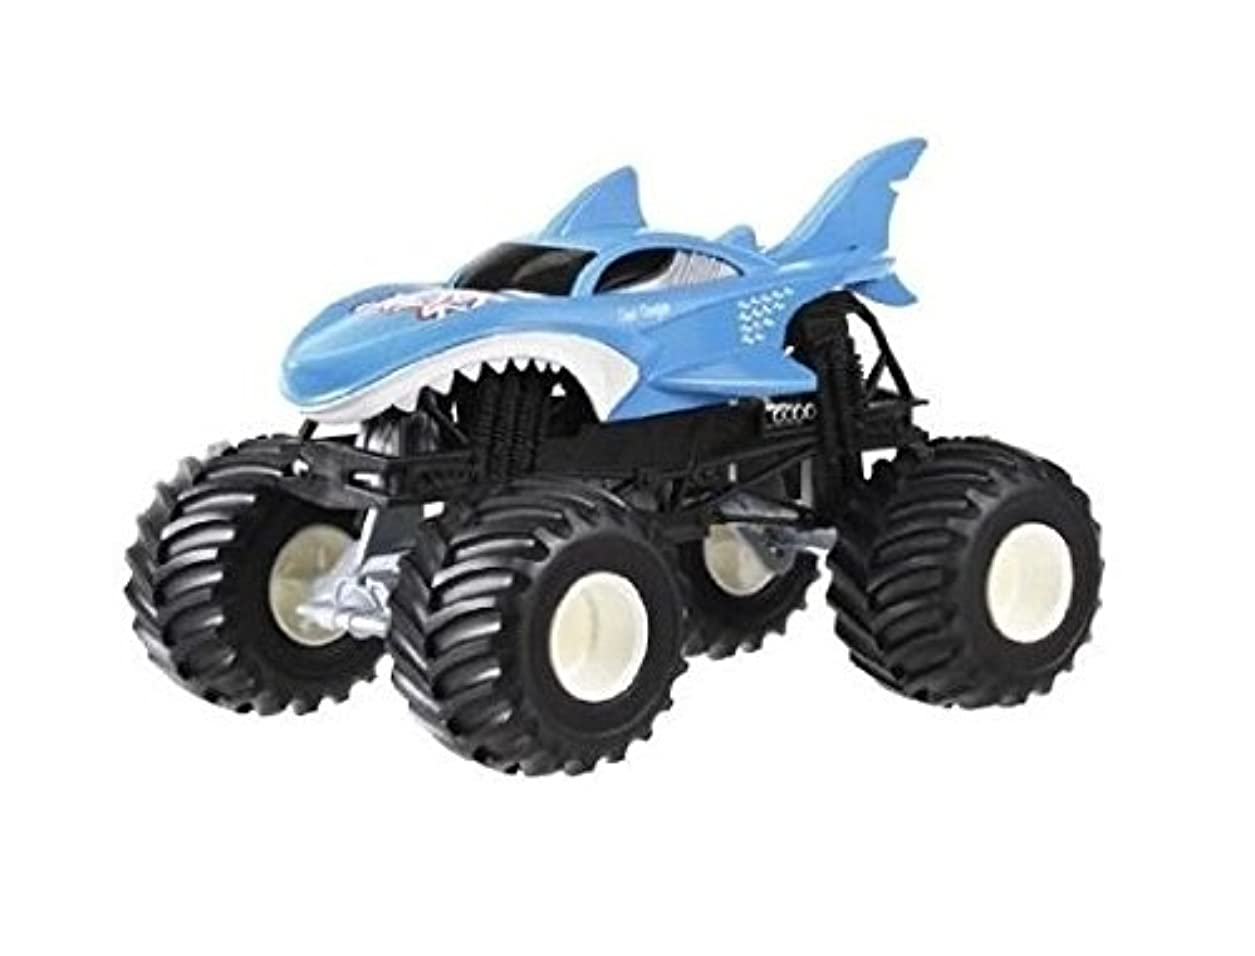 心のこもった抑圧学習Hot Wheels Monster Jam 1:24 Scale Shark Wreak Vehicle